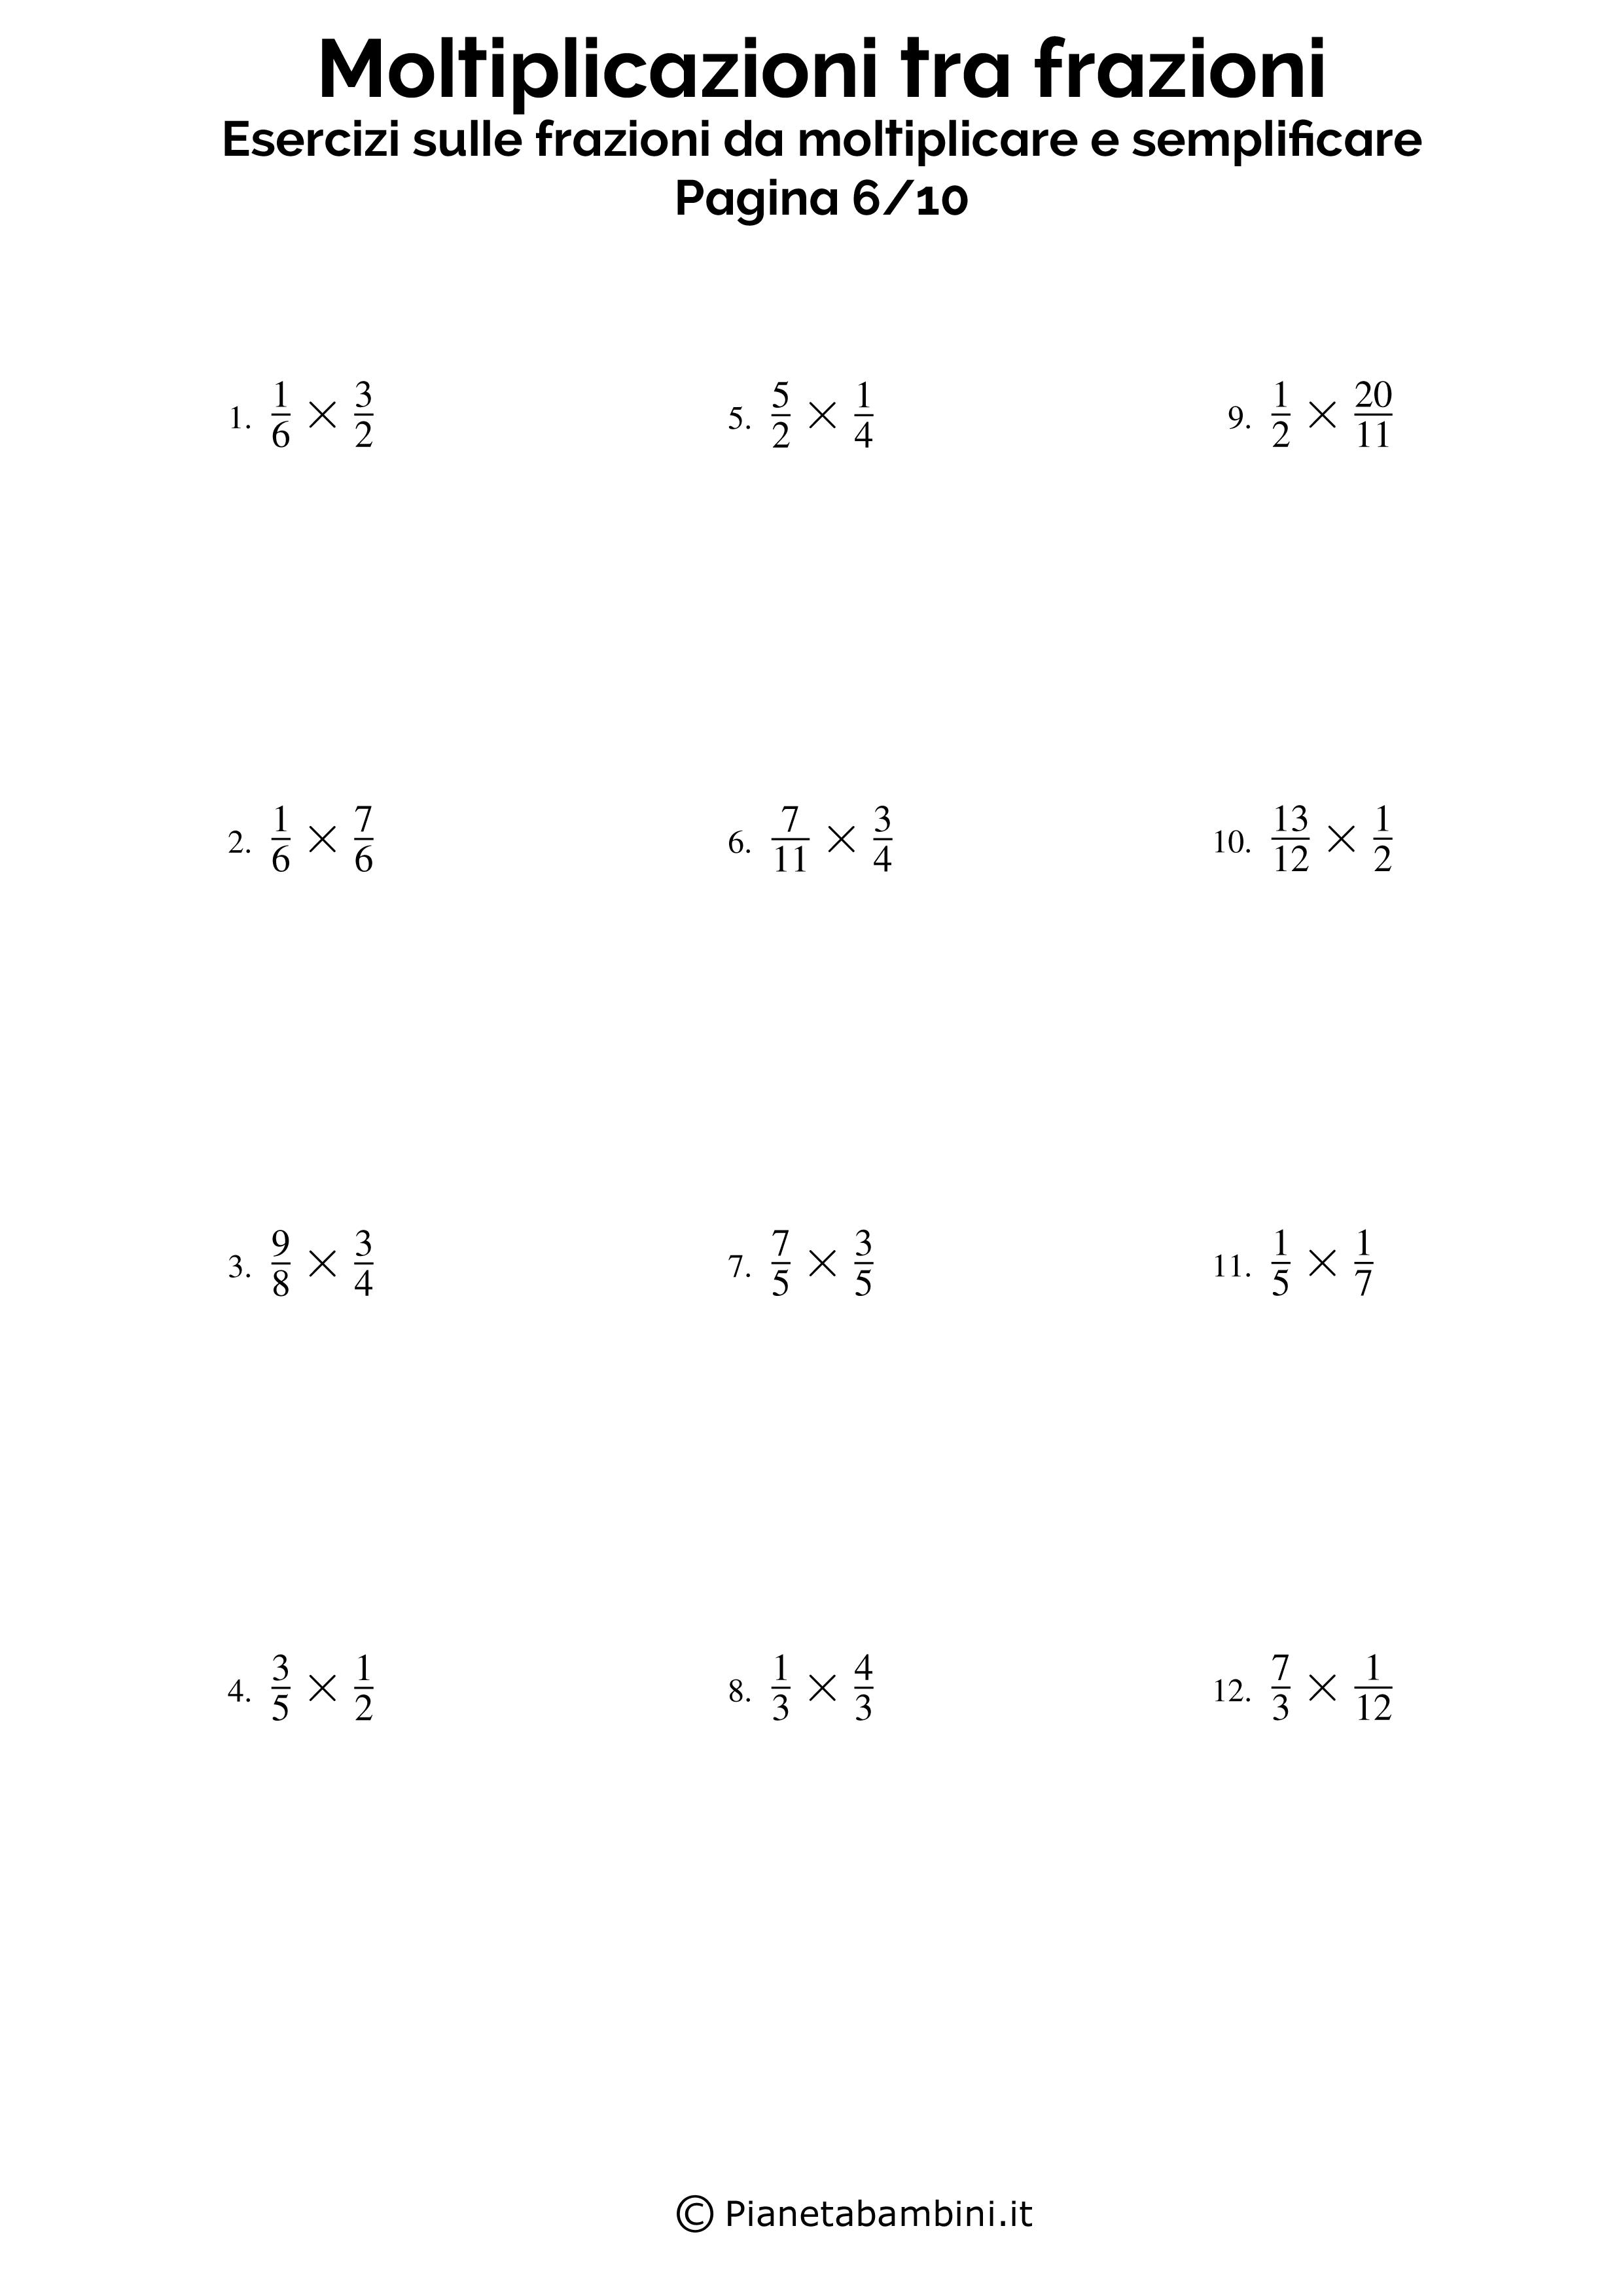 Frazioni-Moltiplicare-Semplificare_06